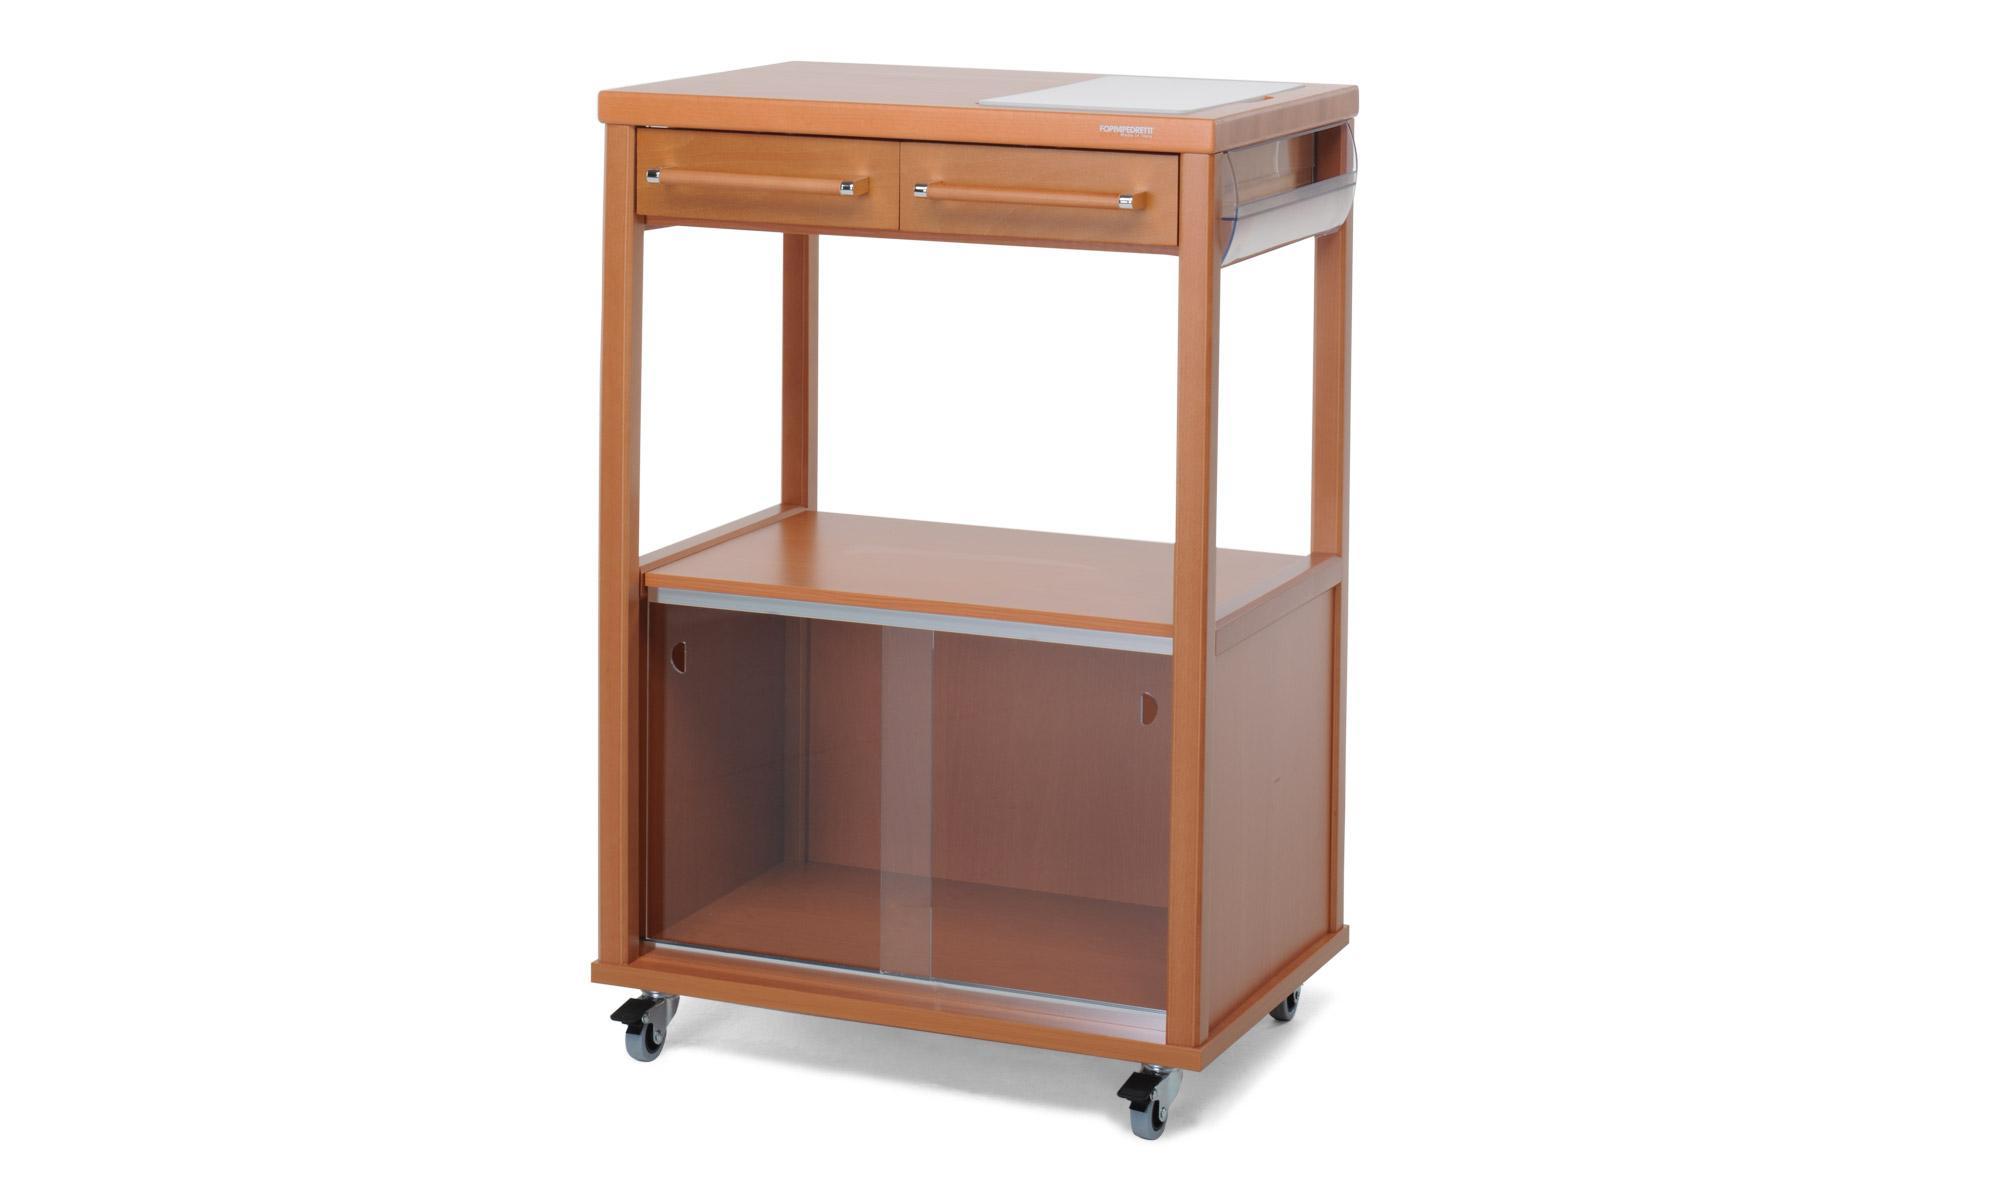 Foppapedretti benchef carrello noce casa e cucina - Mobile porta forno microonde ...